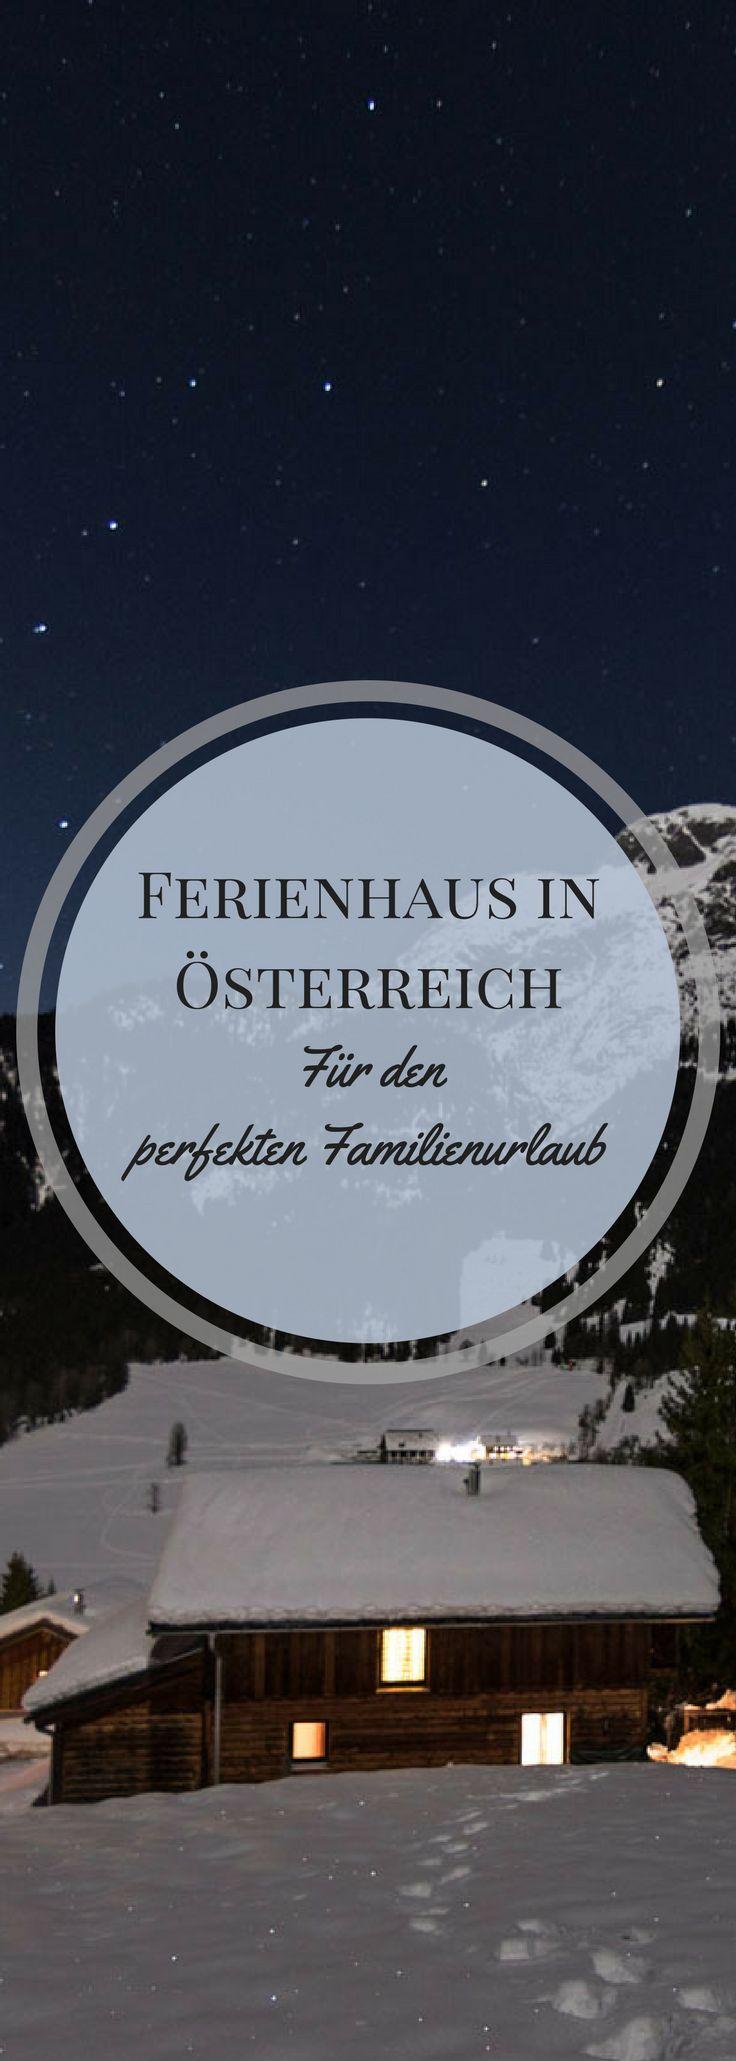 Dein perfekter Familienurlaub in einer idyllisch gelegenen Ferienhütte in Österreich. Schau doch gleich mal vorbei!